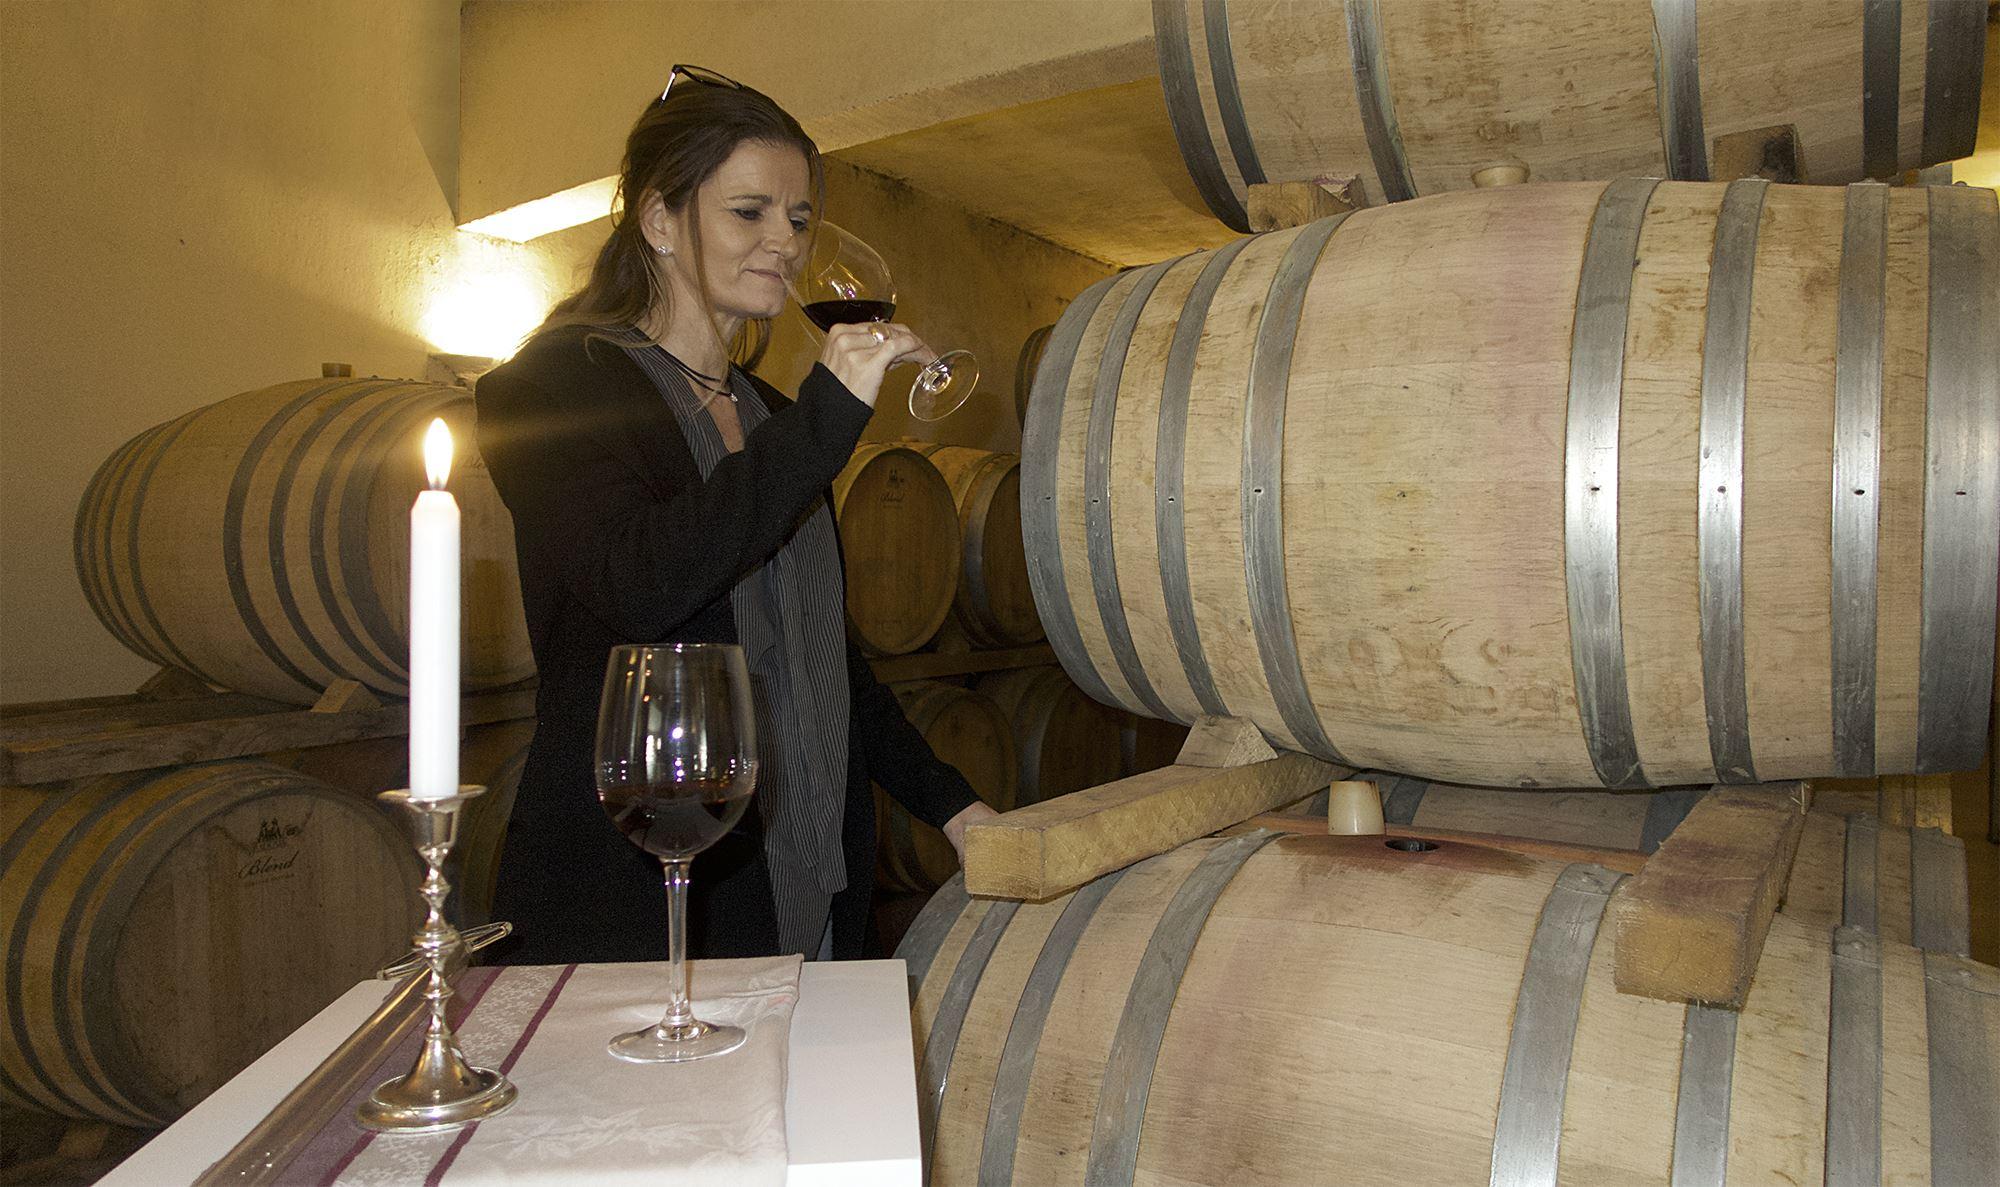 Wine and cheese tasting - Domaine Haut-Lirou